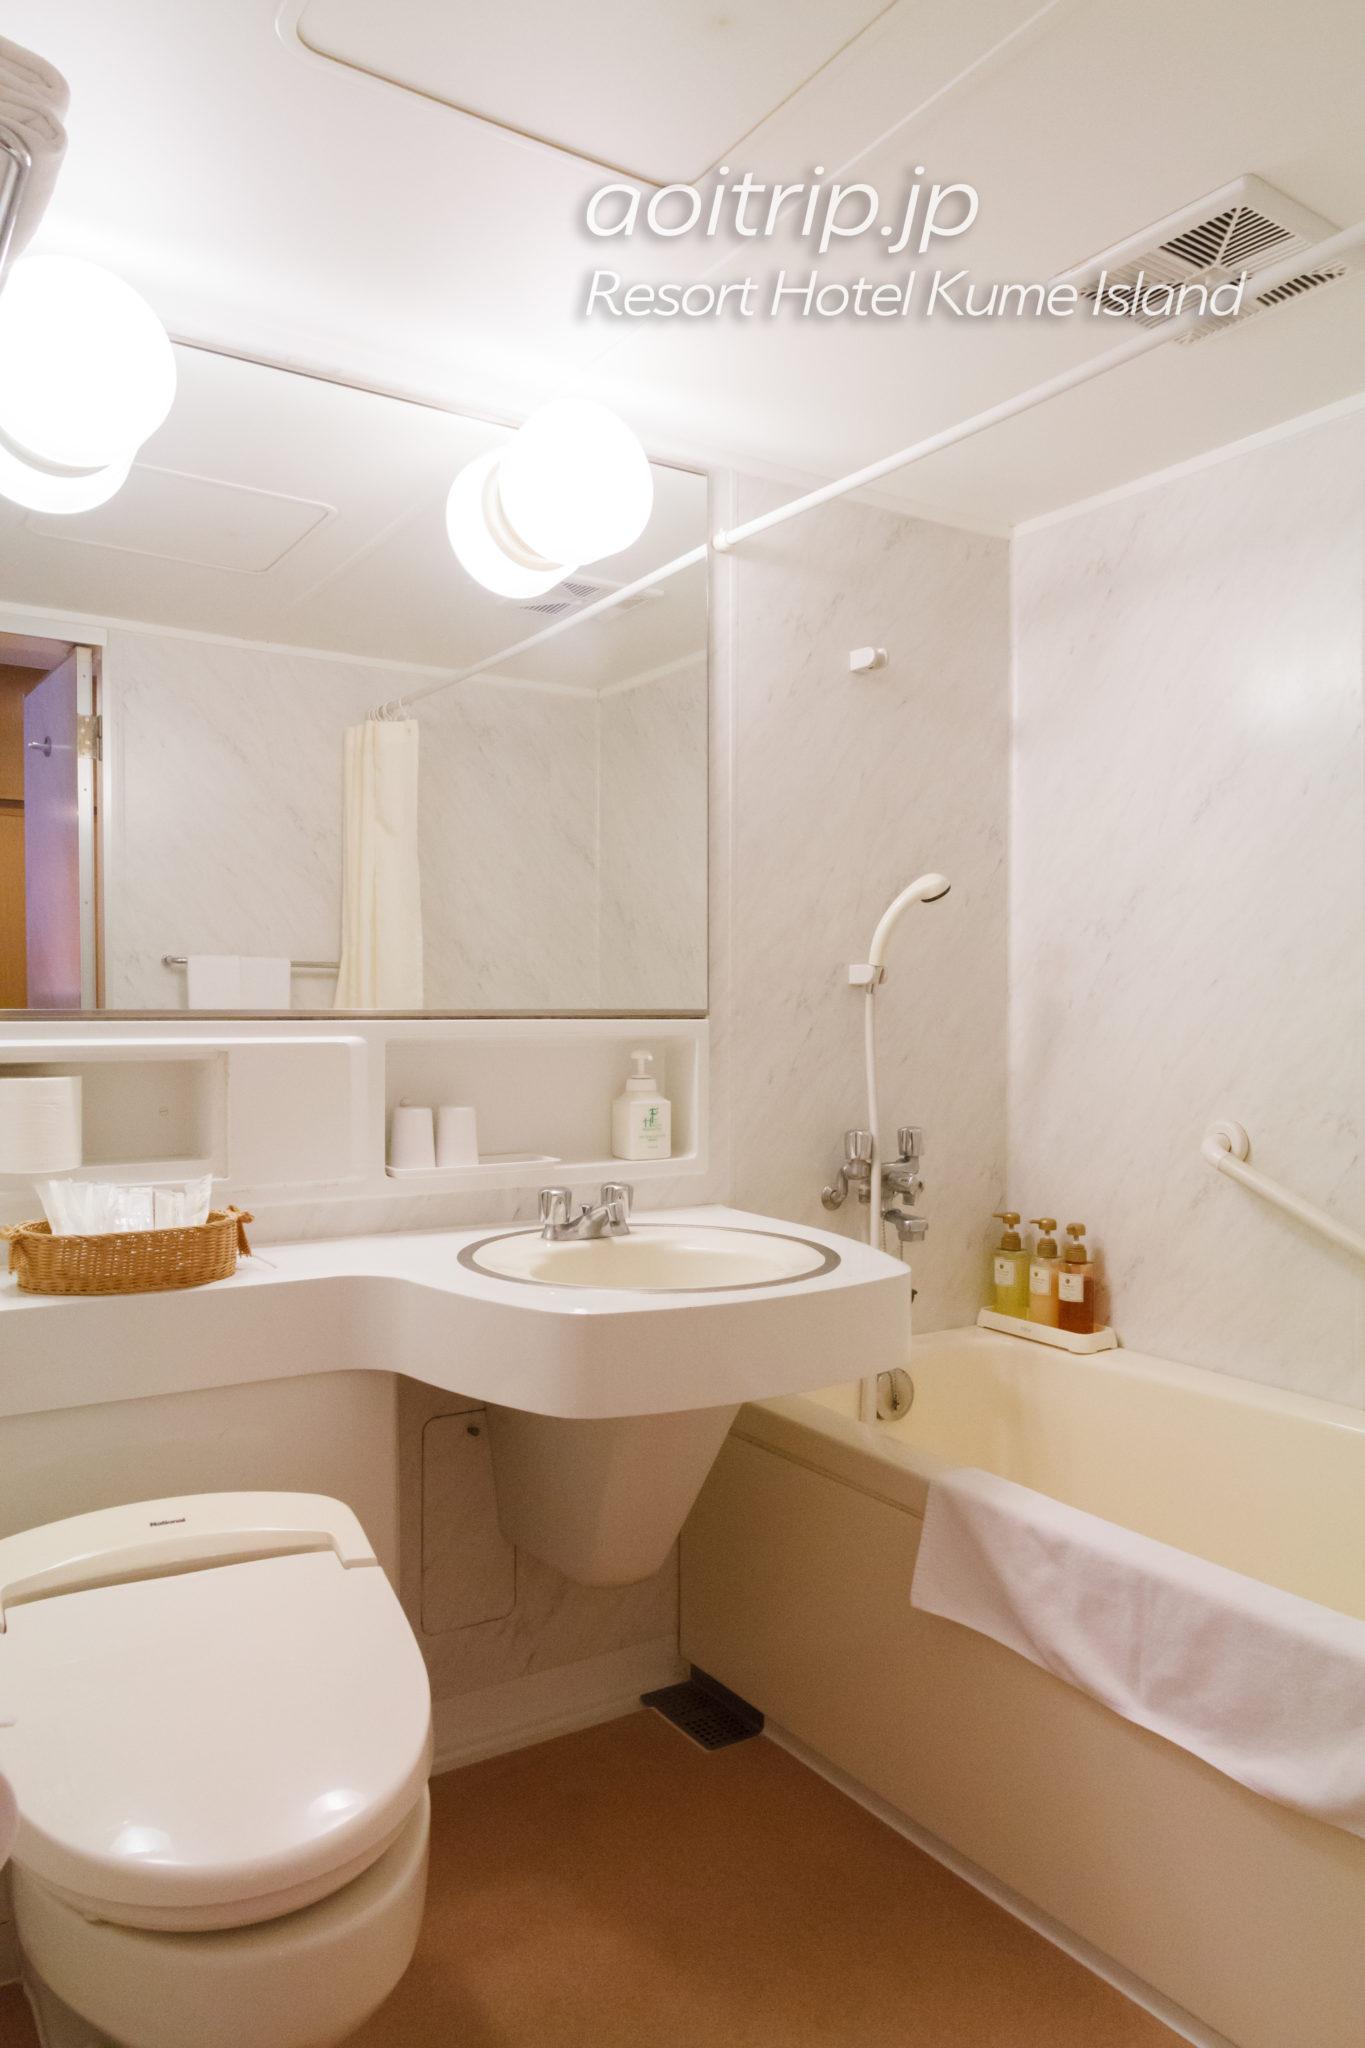 リゾートホテル久米アイランド バスルーム